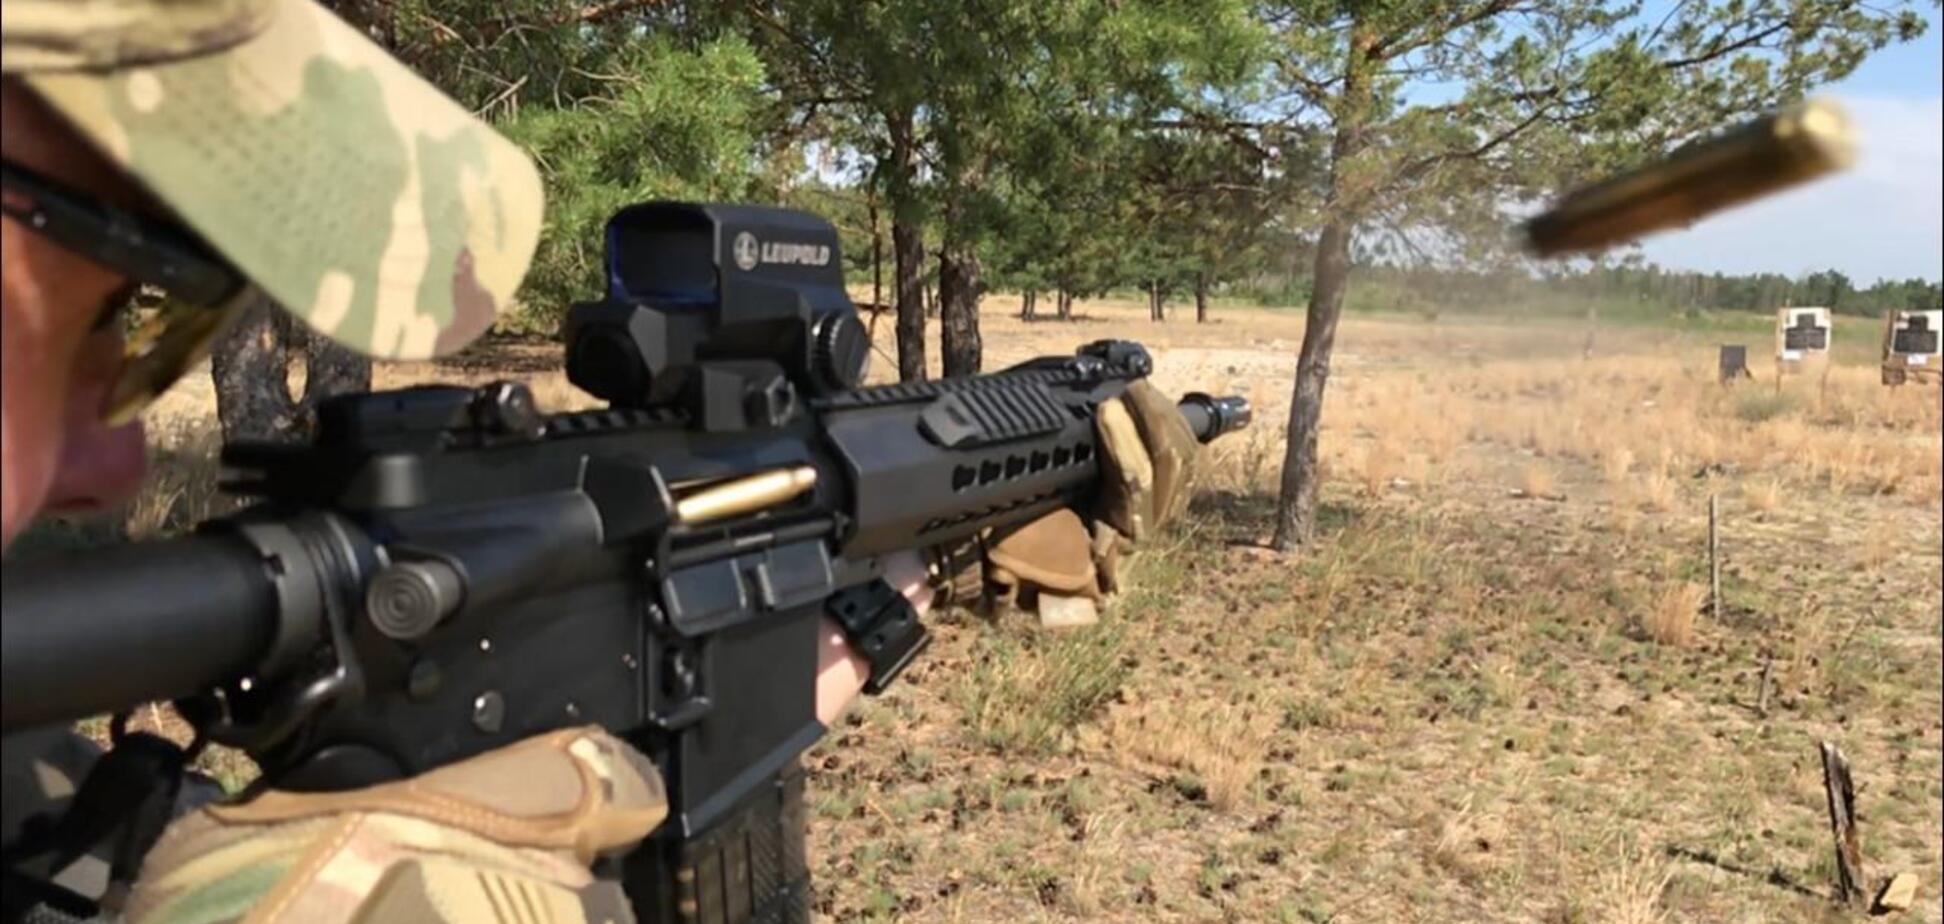 Спецназ погранслужбы получил новые винтовки